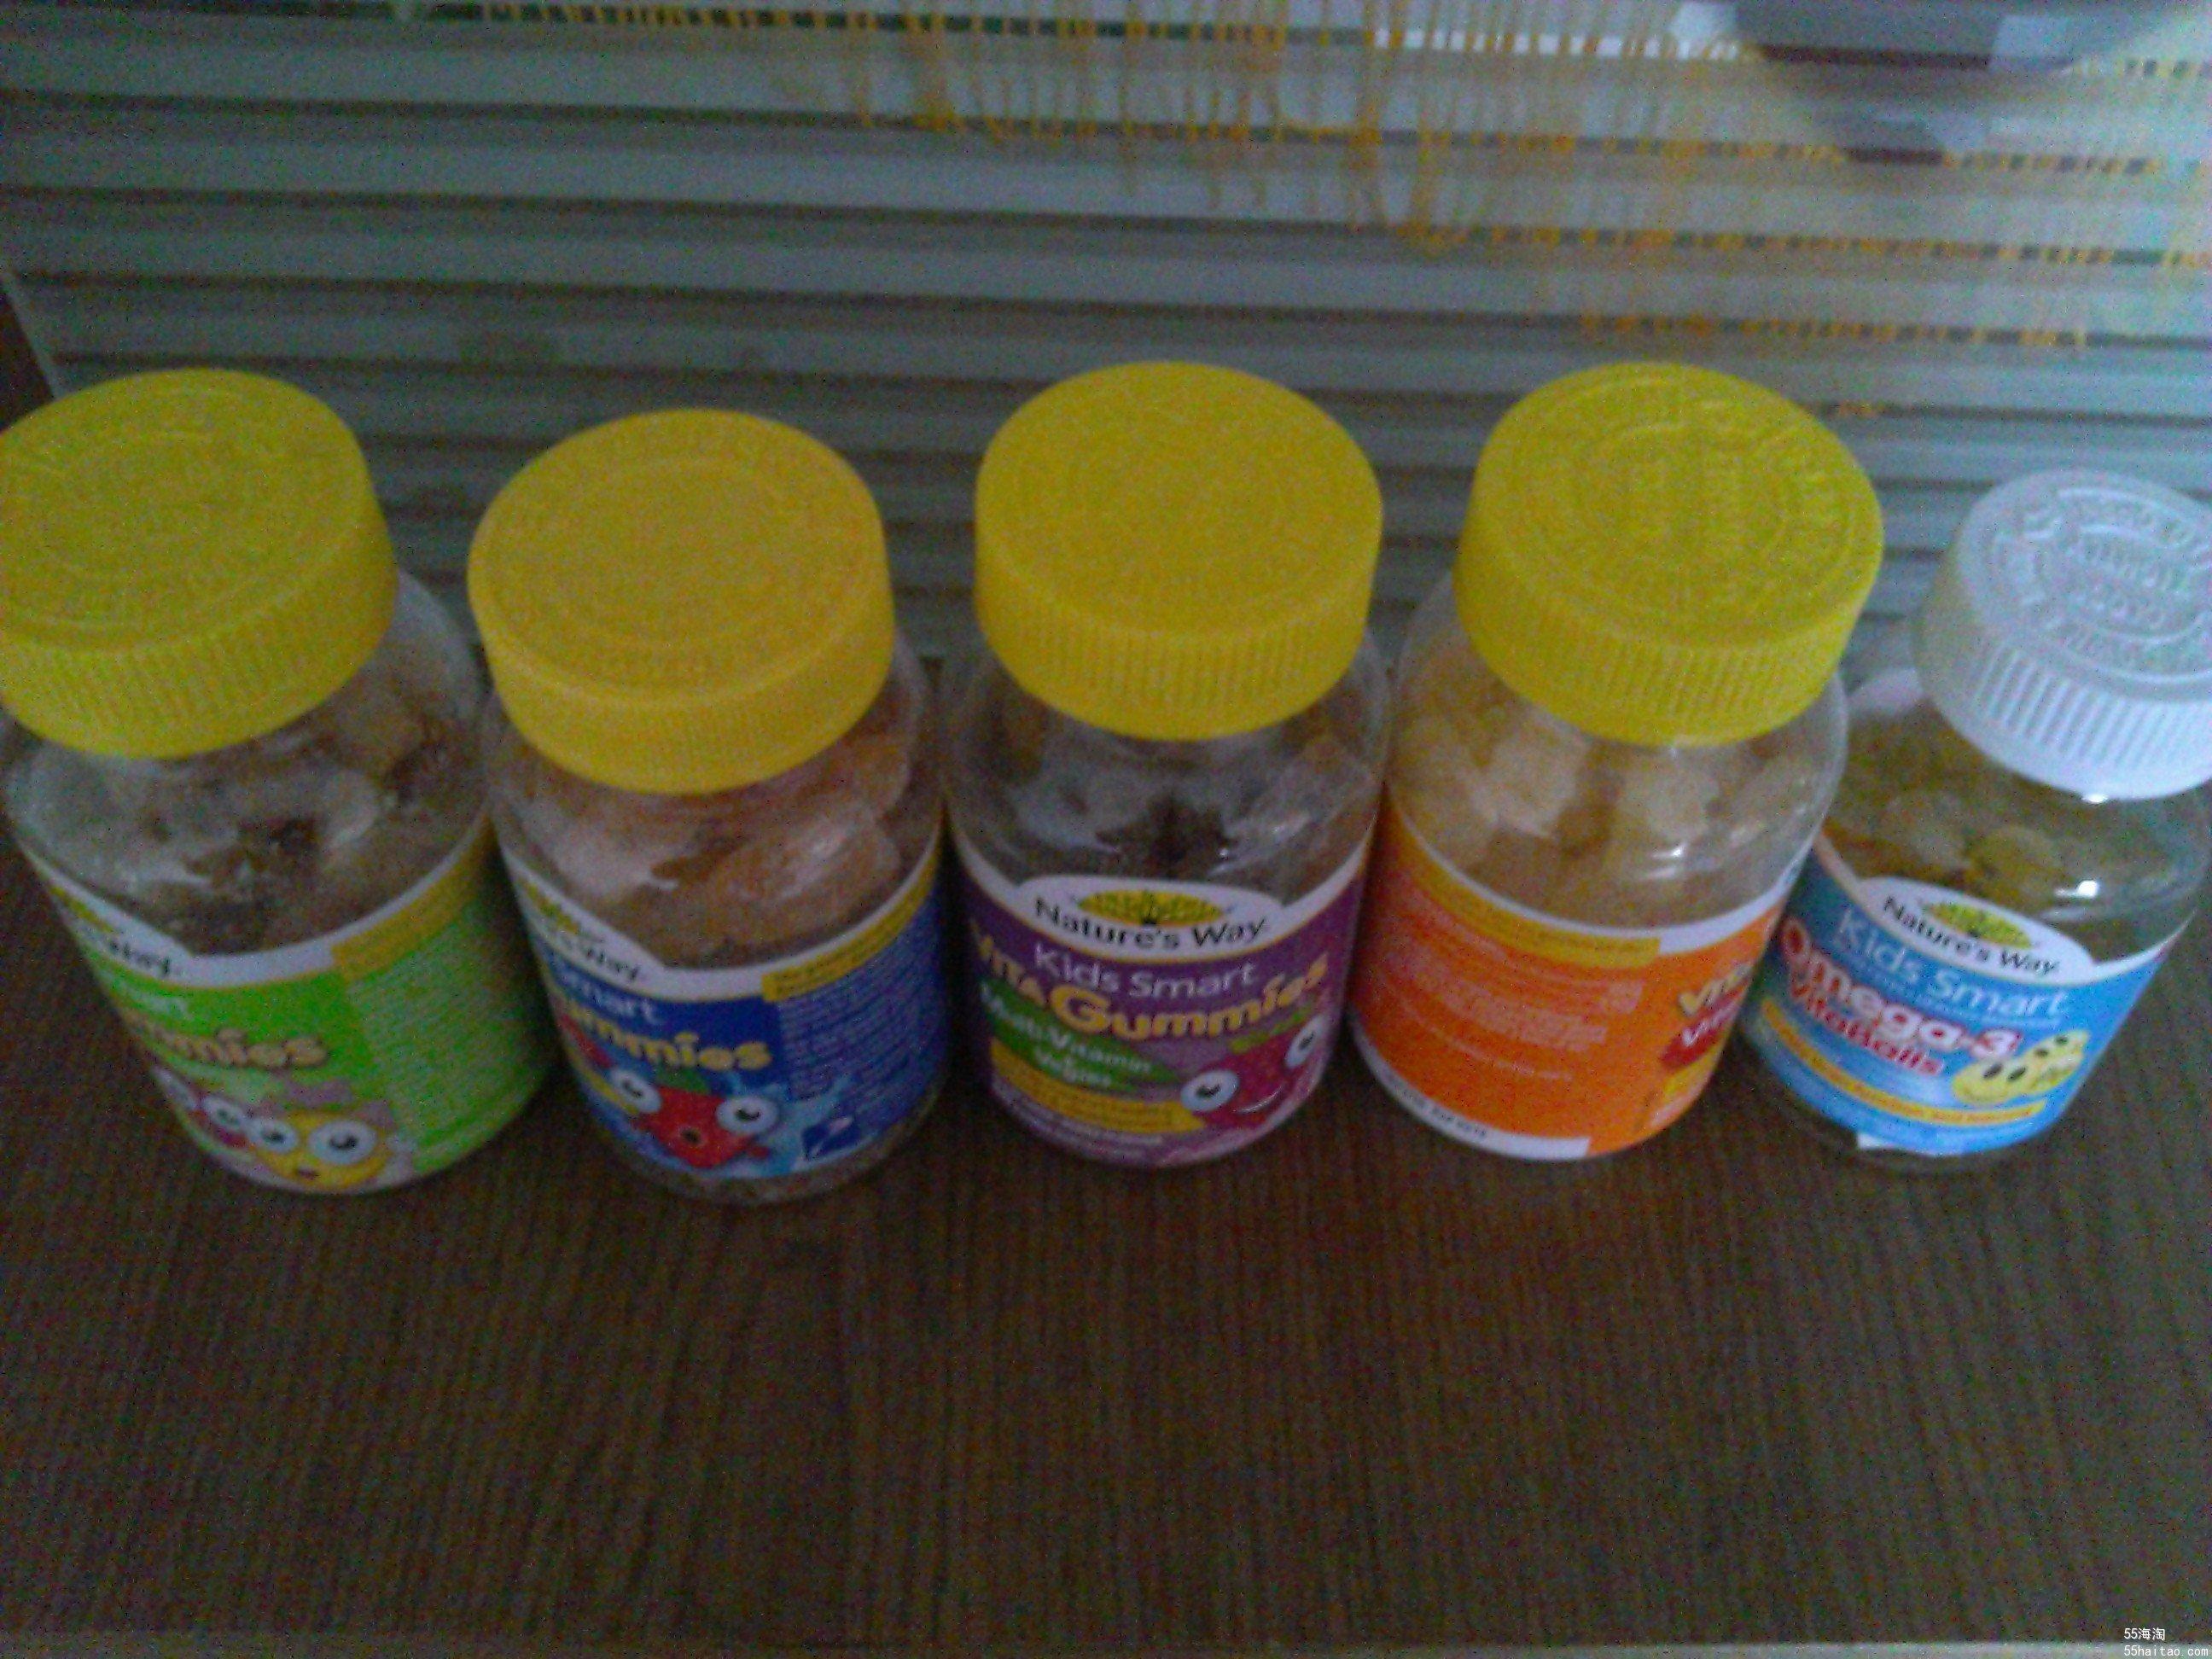 【海淘晒单】2013我为海淘狂+精心研究后给宝宝淘的辅食和保健品~~